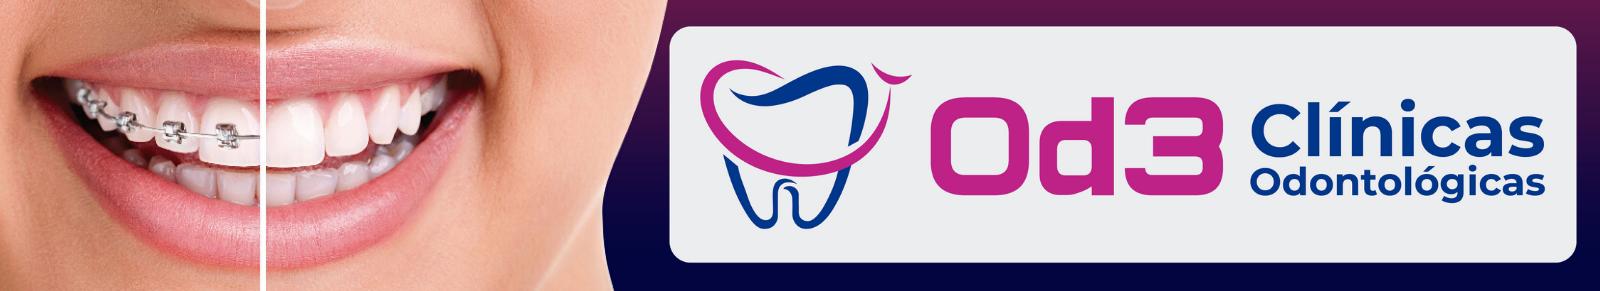 OD3 Clínicas Odontológicas